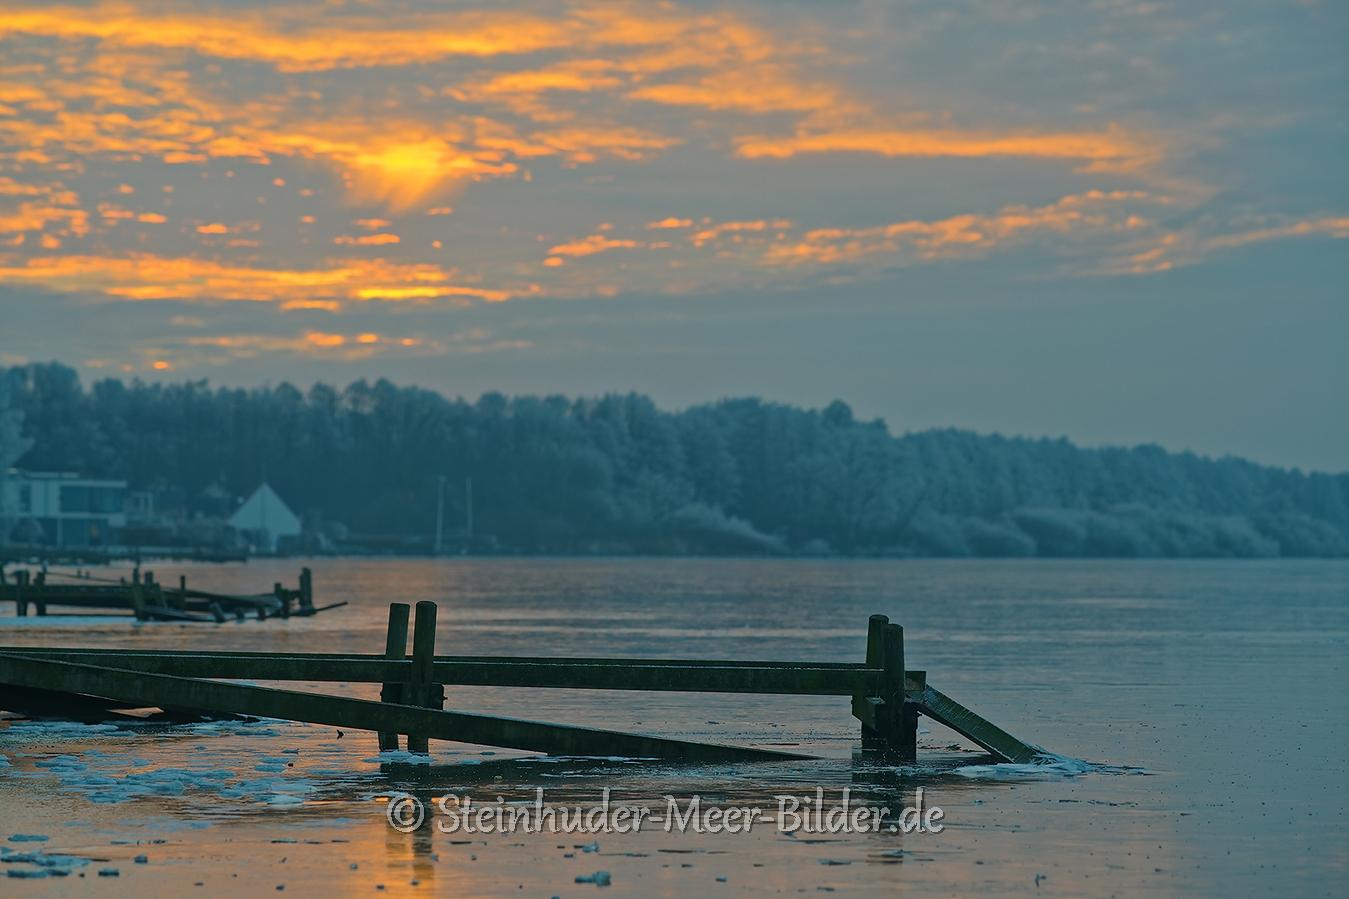 abendrot-abendstimmung-winter-steinhuder-meer-eisdecke-schnee-zugefroren-eisdeckedecke-naturpark-naturraum-region-A7RII-DSC01230